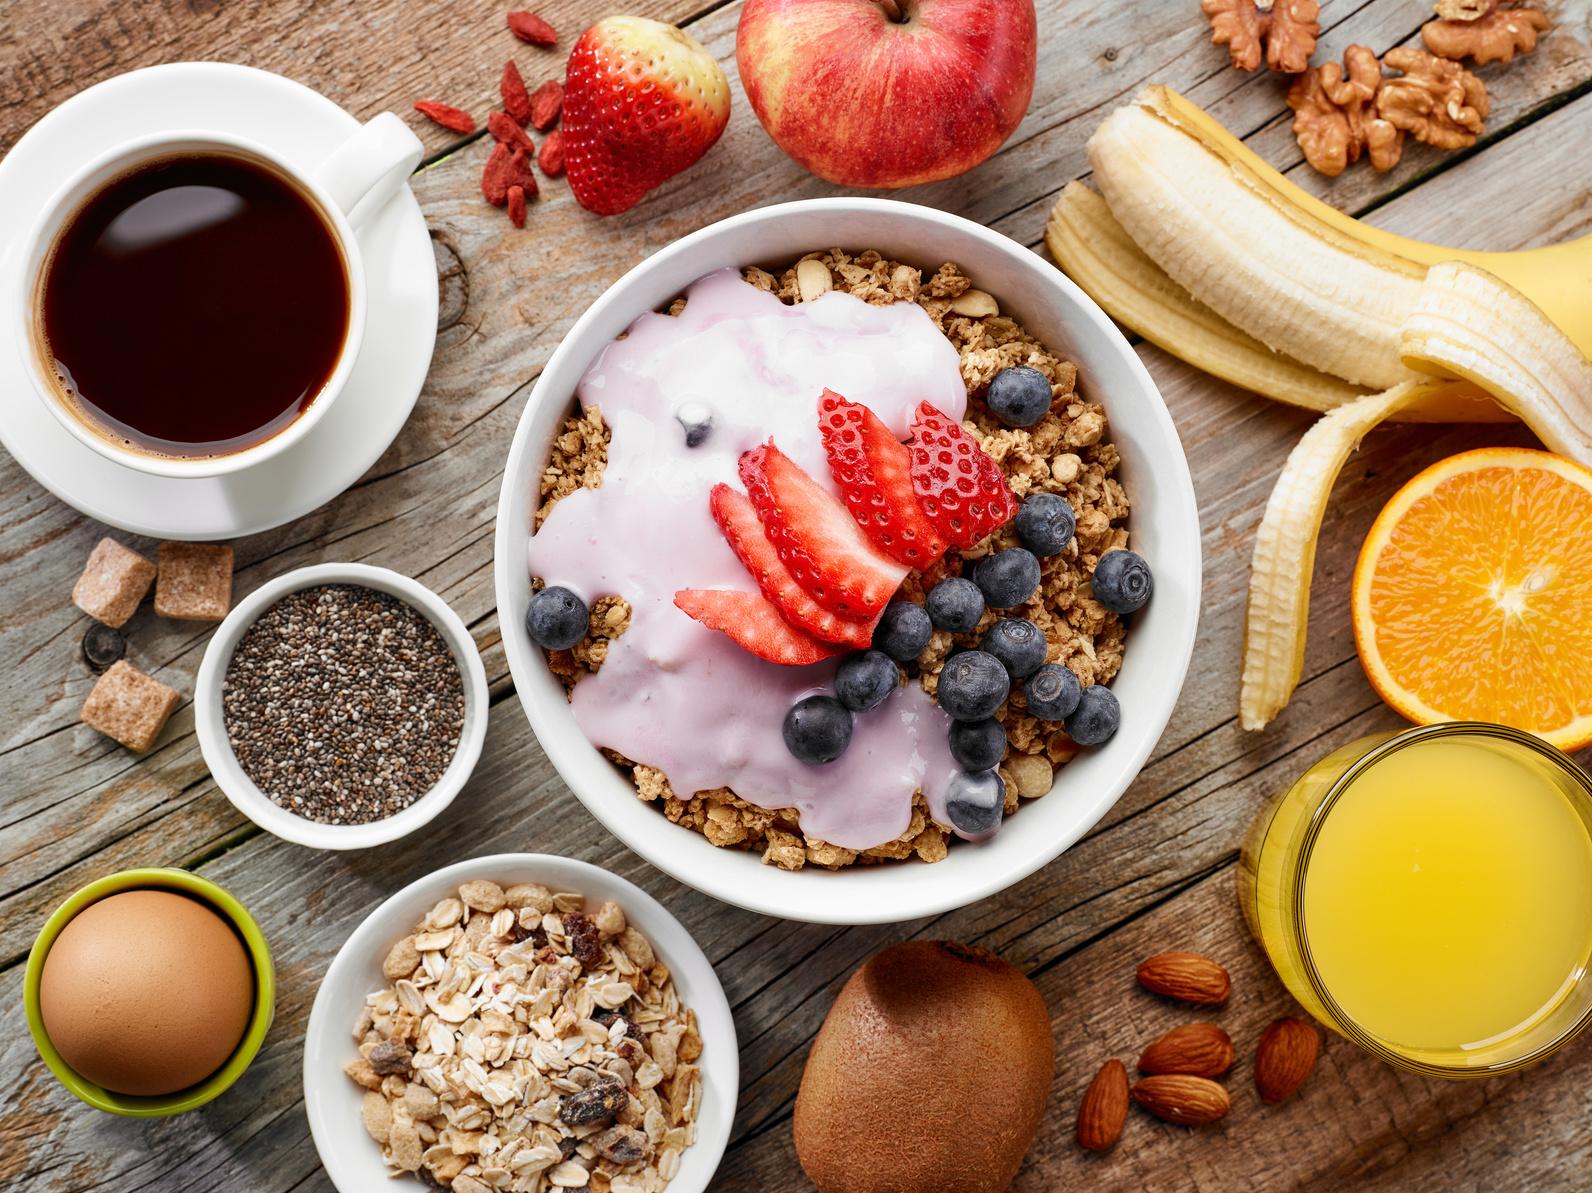 Auf einem Tisch ist ein Frühstück, bestehend aus Müsli, viel Obst und Nüssen sowie einem Ei und Kaffee angerichtet